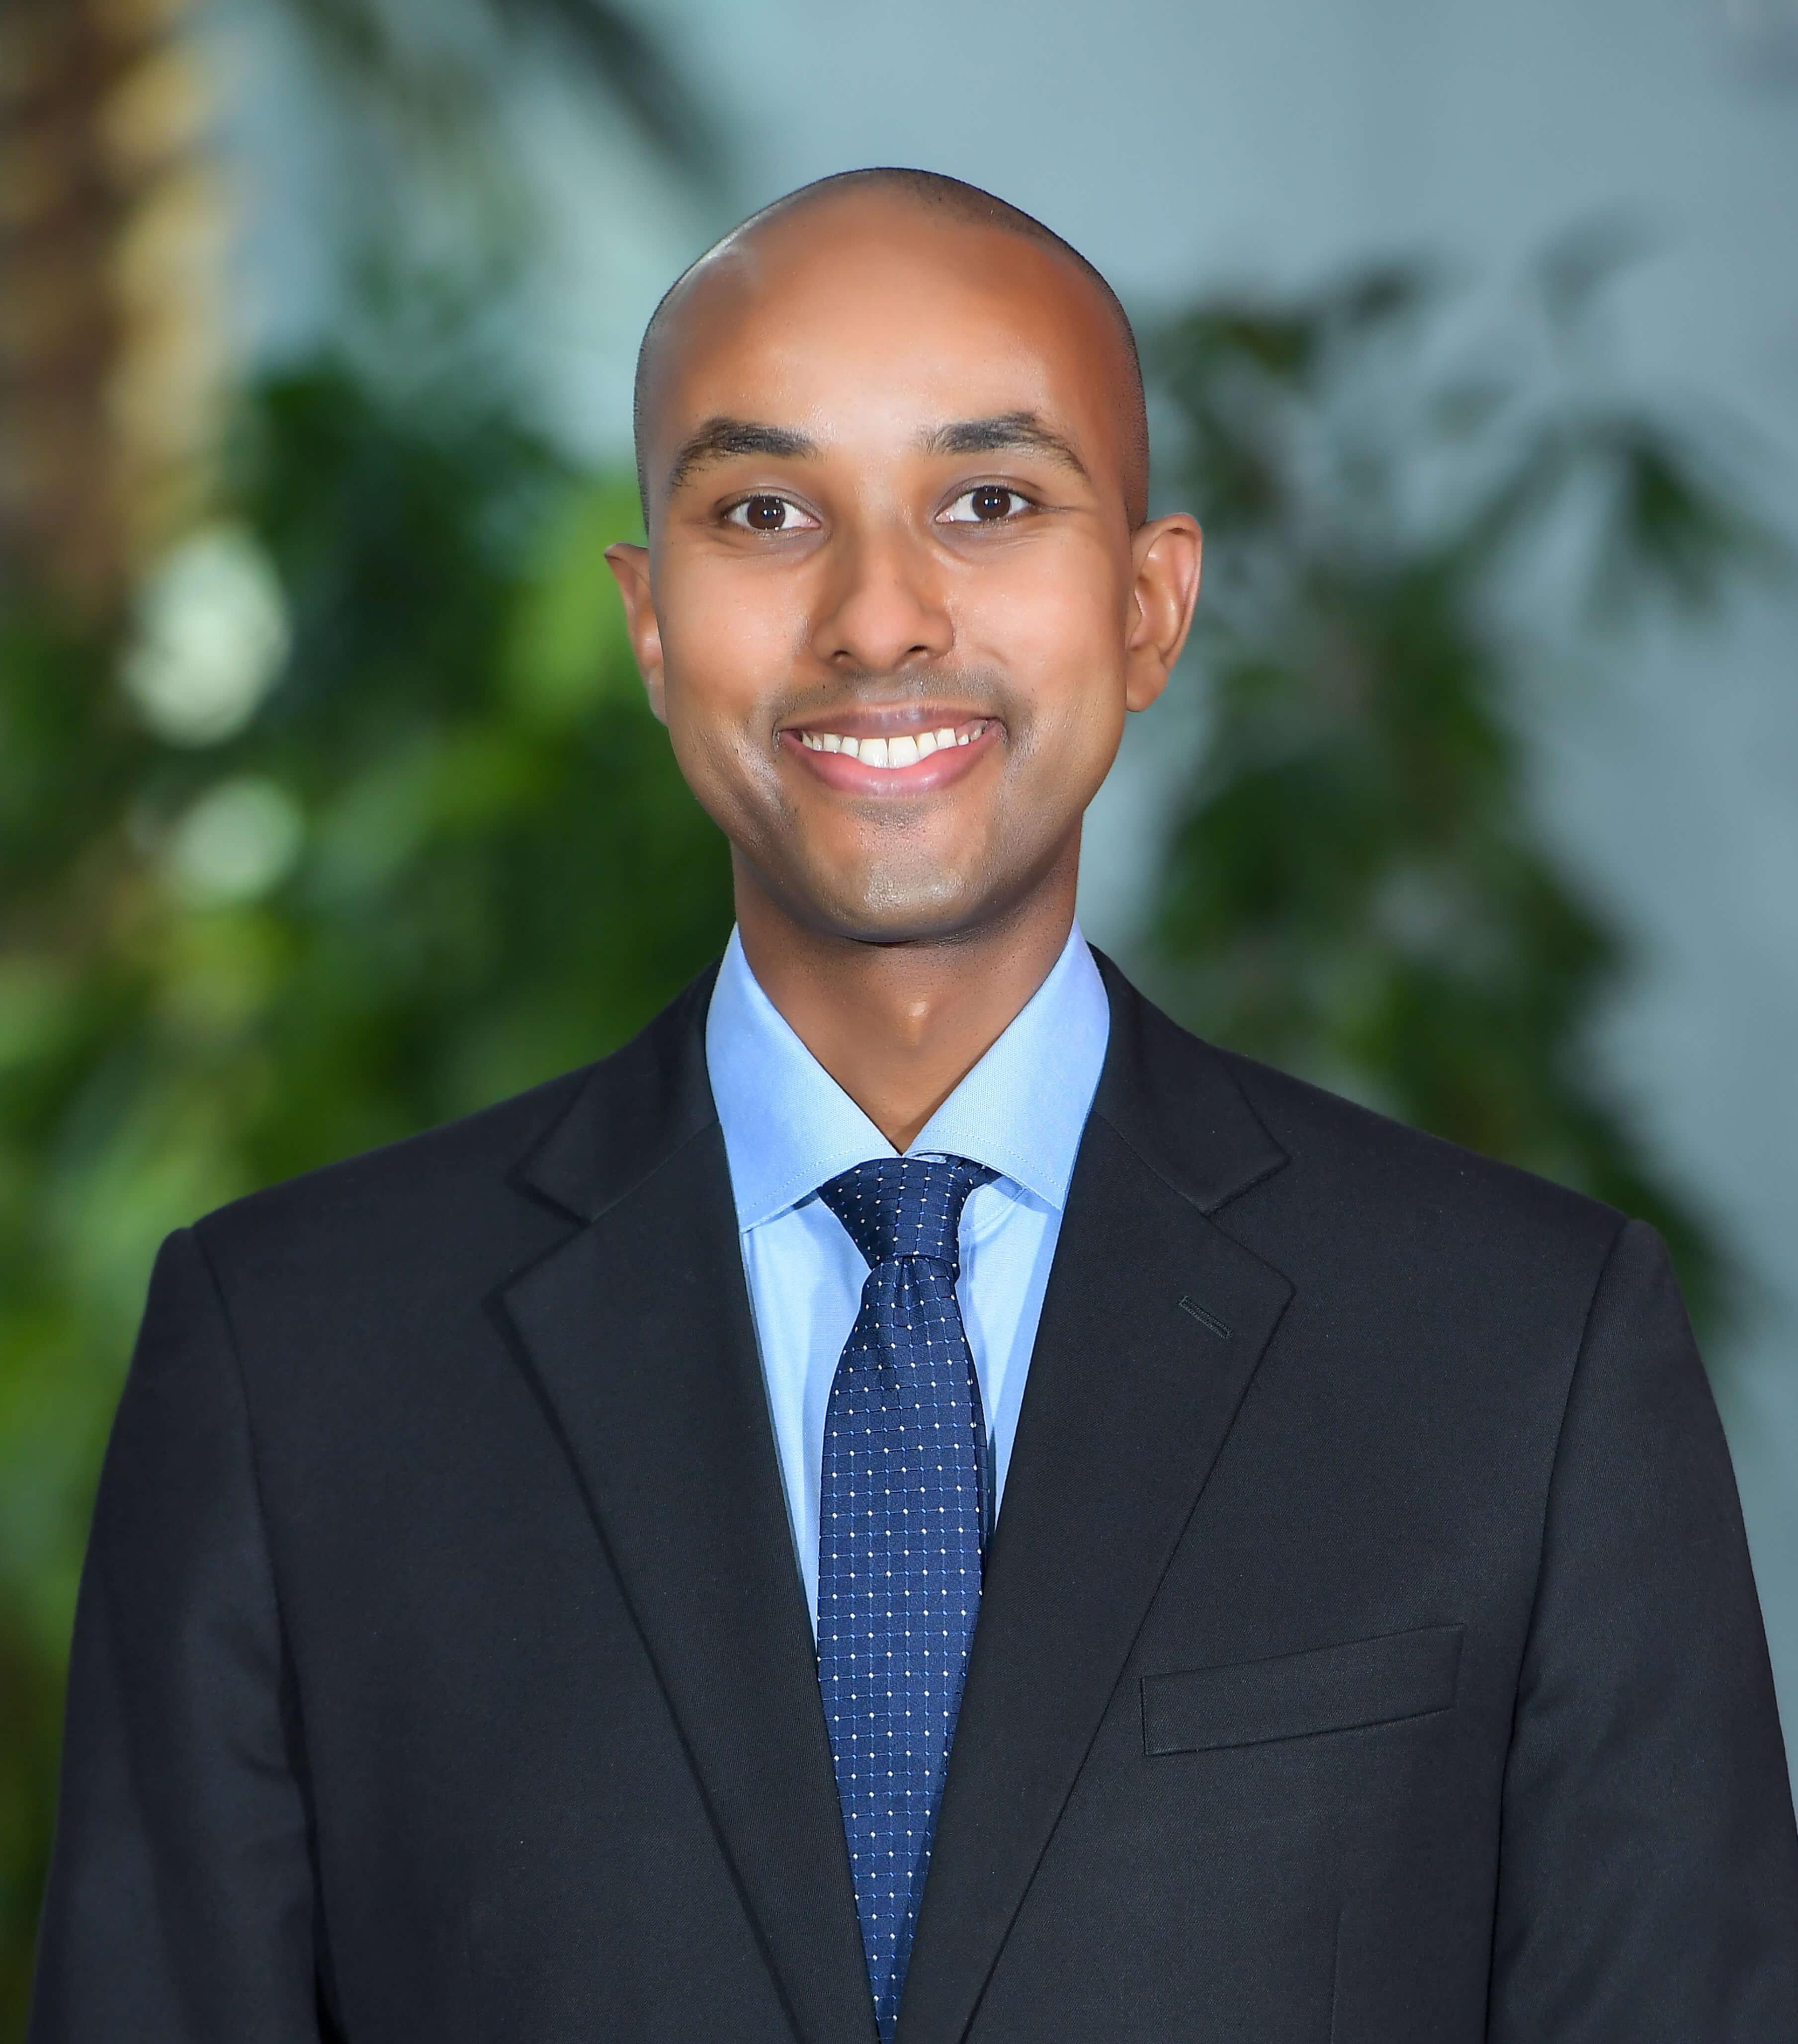 Dr. Sharmarke Mohamed